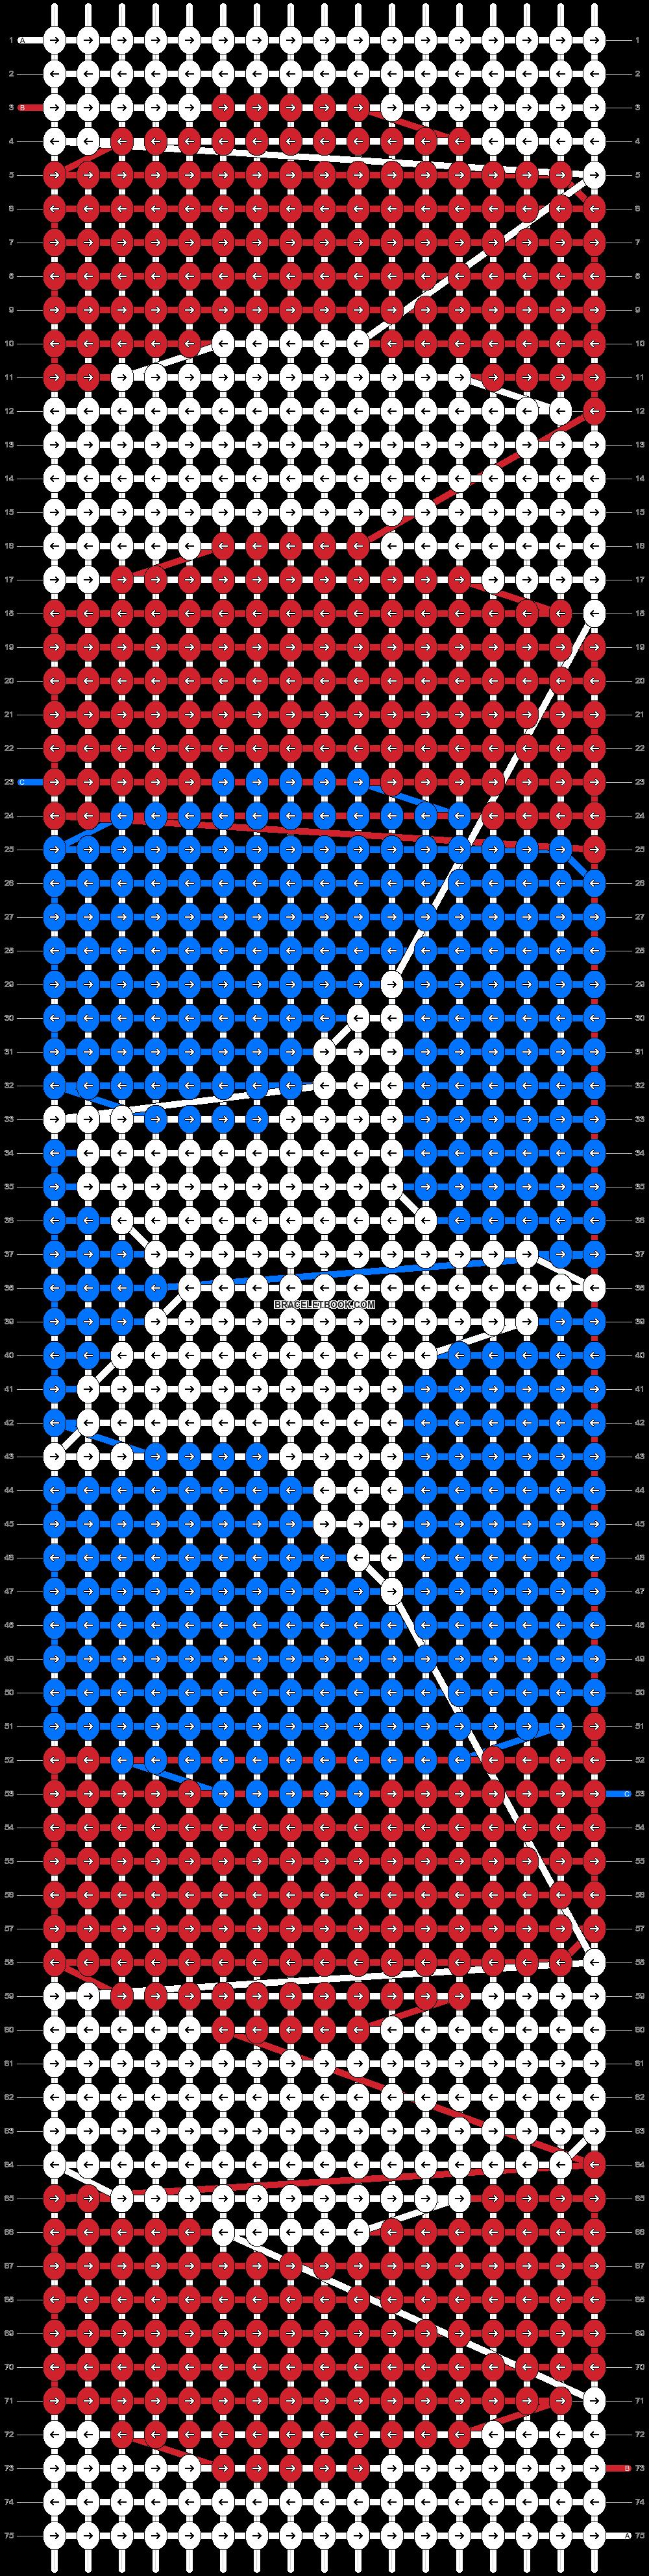 Alpha Pattern #13926 added by Braacelets